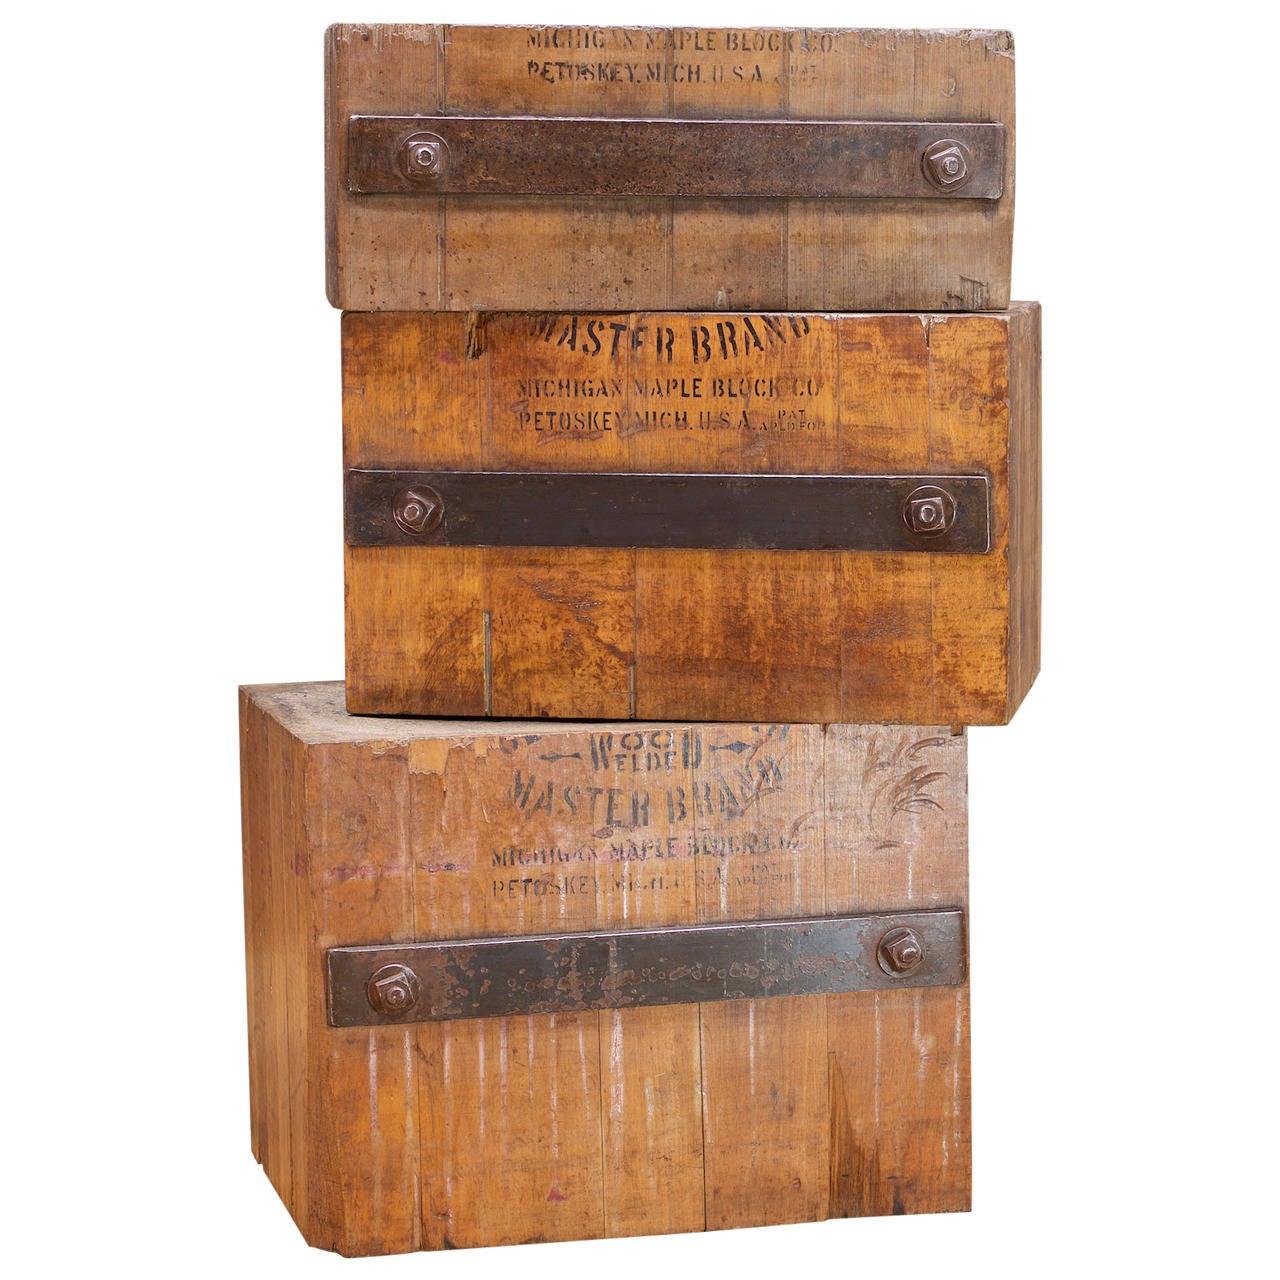 1910s Leathermans Anvils Set of 3 Art Block Monolith Sculpture Pedestal Table